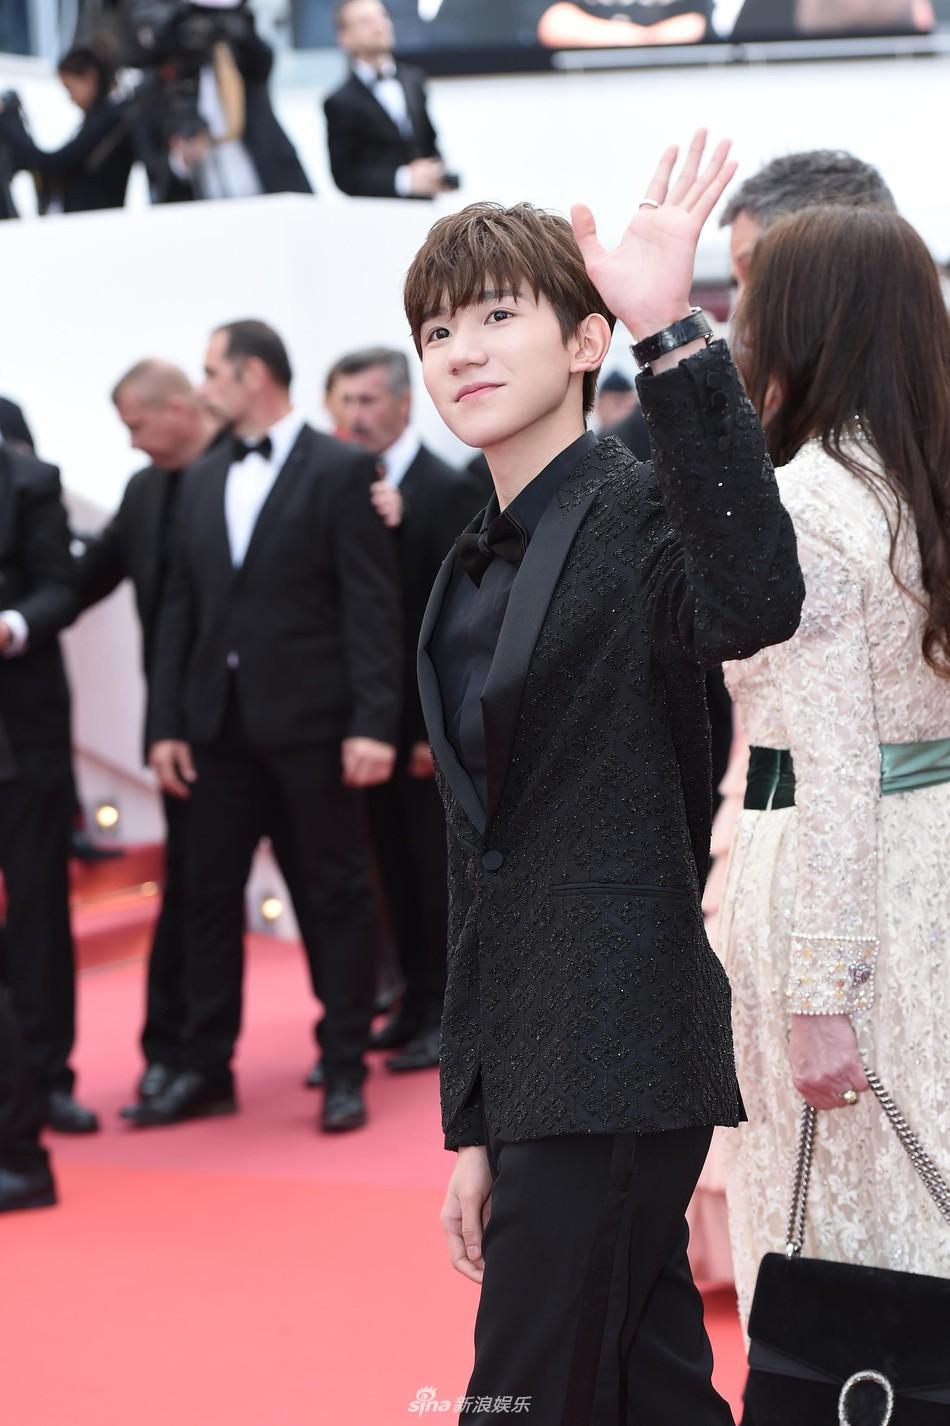 Mỹ nam Vương Nguyên TFboys lần đầu tới Cannes, hớn hở chụp ảnh chung cùng bạn trai Taylor Swift - Ảnh 3.